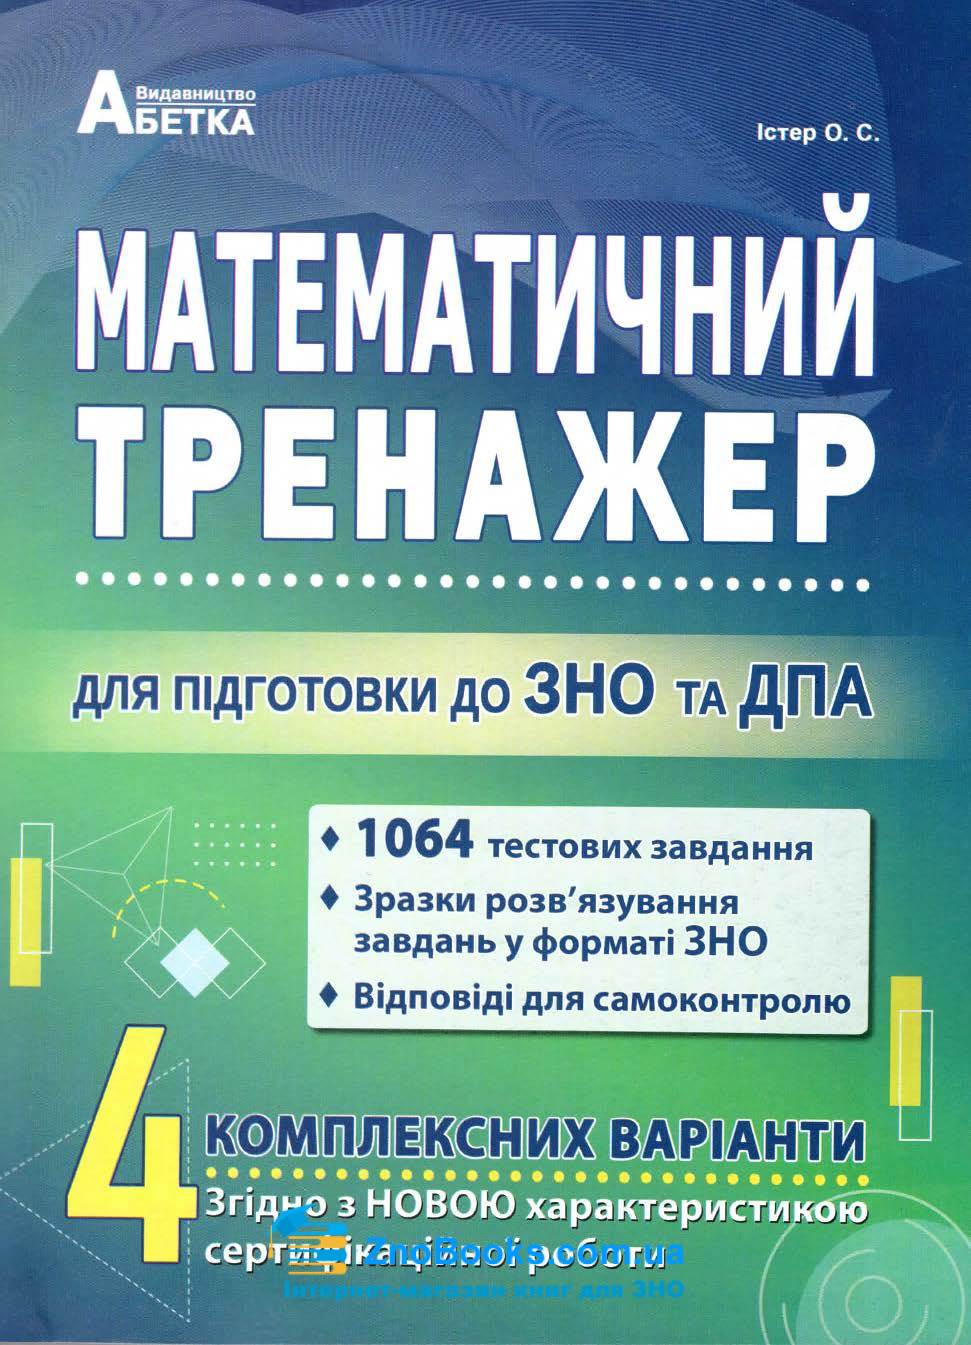 ЗНО та ДПА 2020. Математичний тренажер : Істер О. Абетка. купити 0